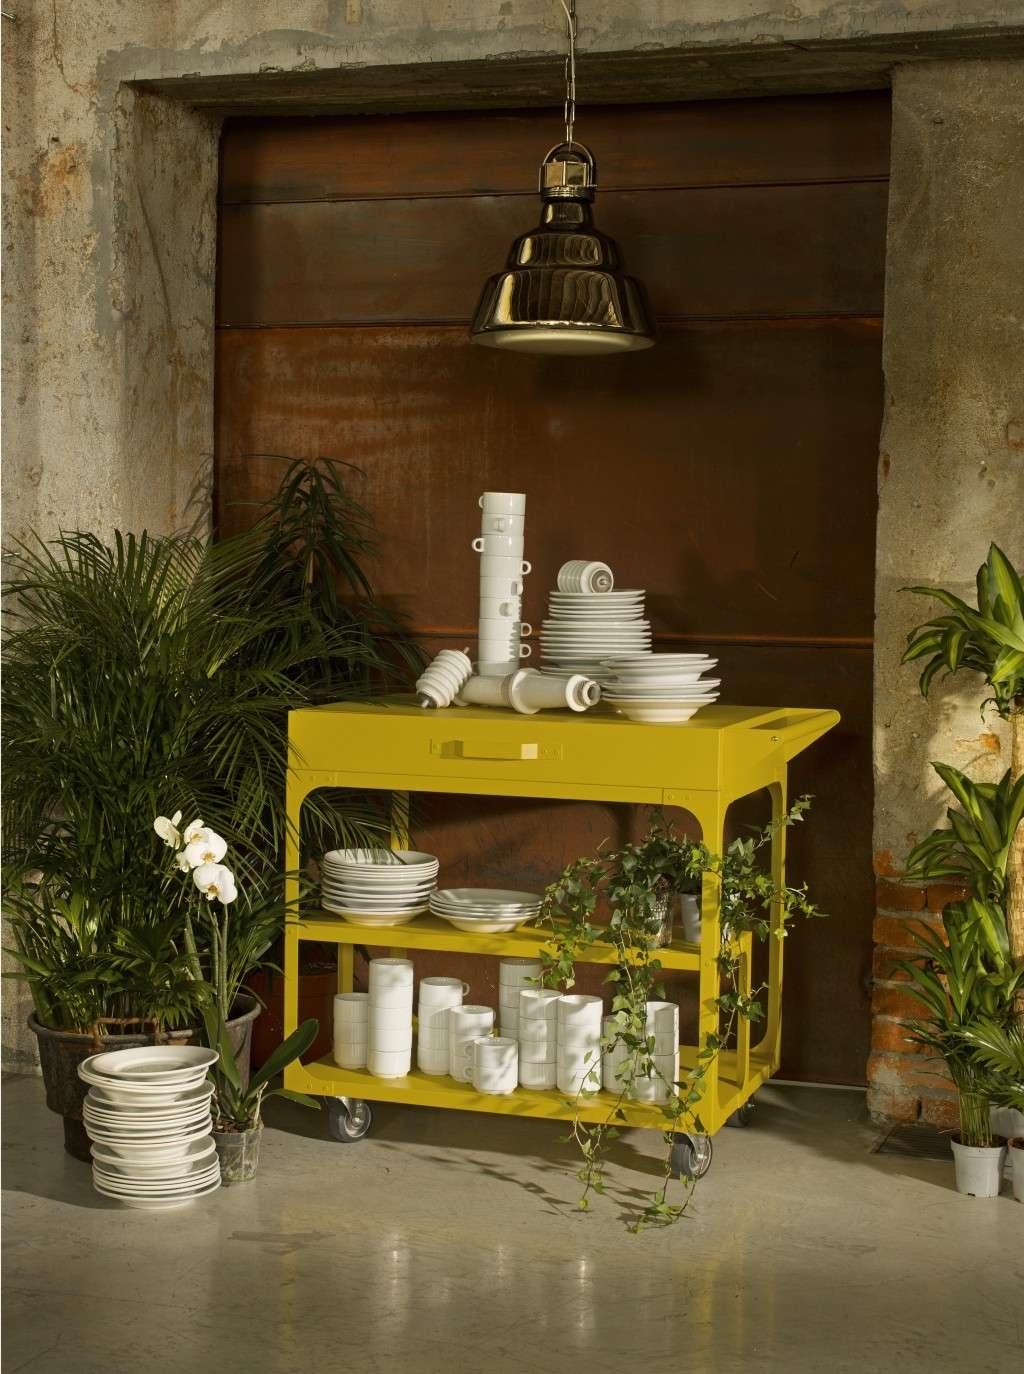 Carrello scavolini diesel social kitchen cucine a prezzi - Cucine scavolini diesel ...